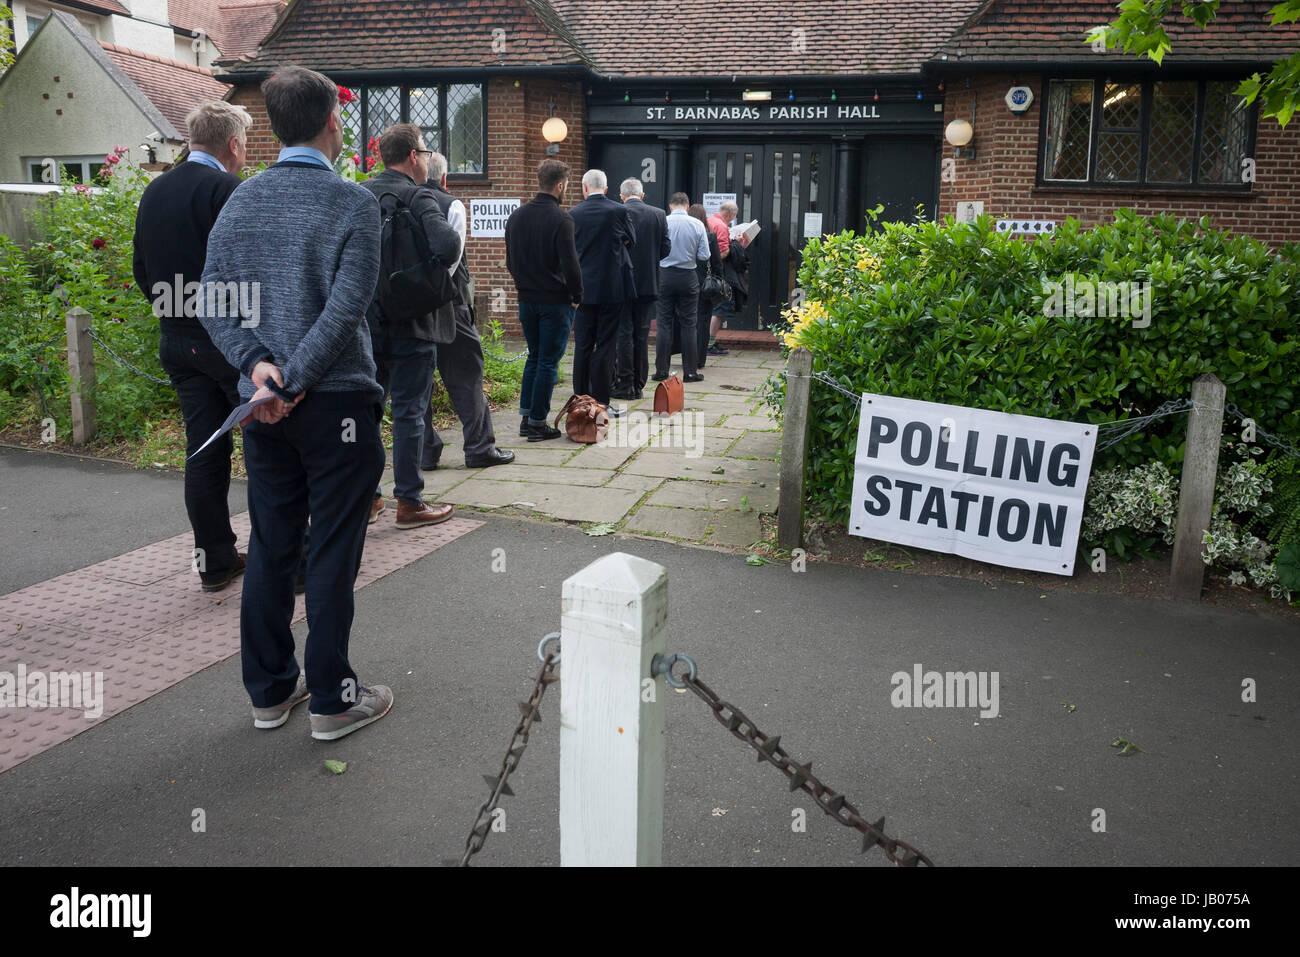 Primi elettori per il Regno Unito 2017 elezioni generali coda fuori la stazione di polling a San Barnaba sala parrocchiale Immagini Stock